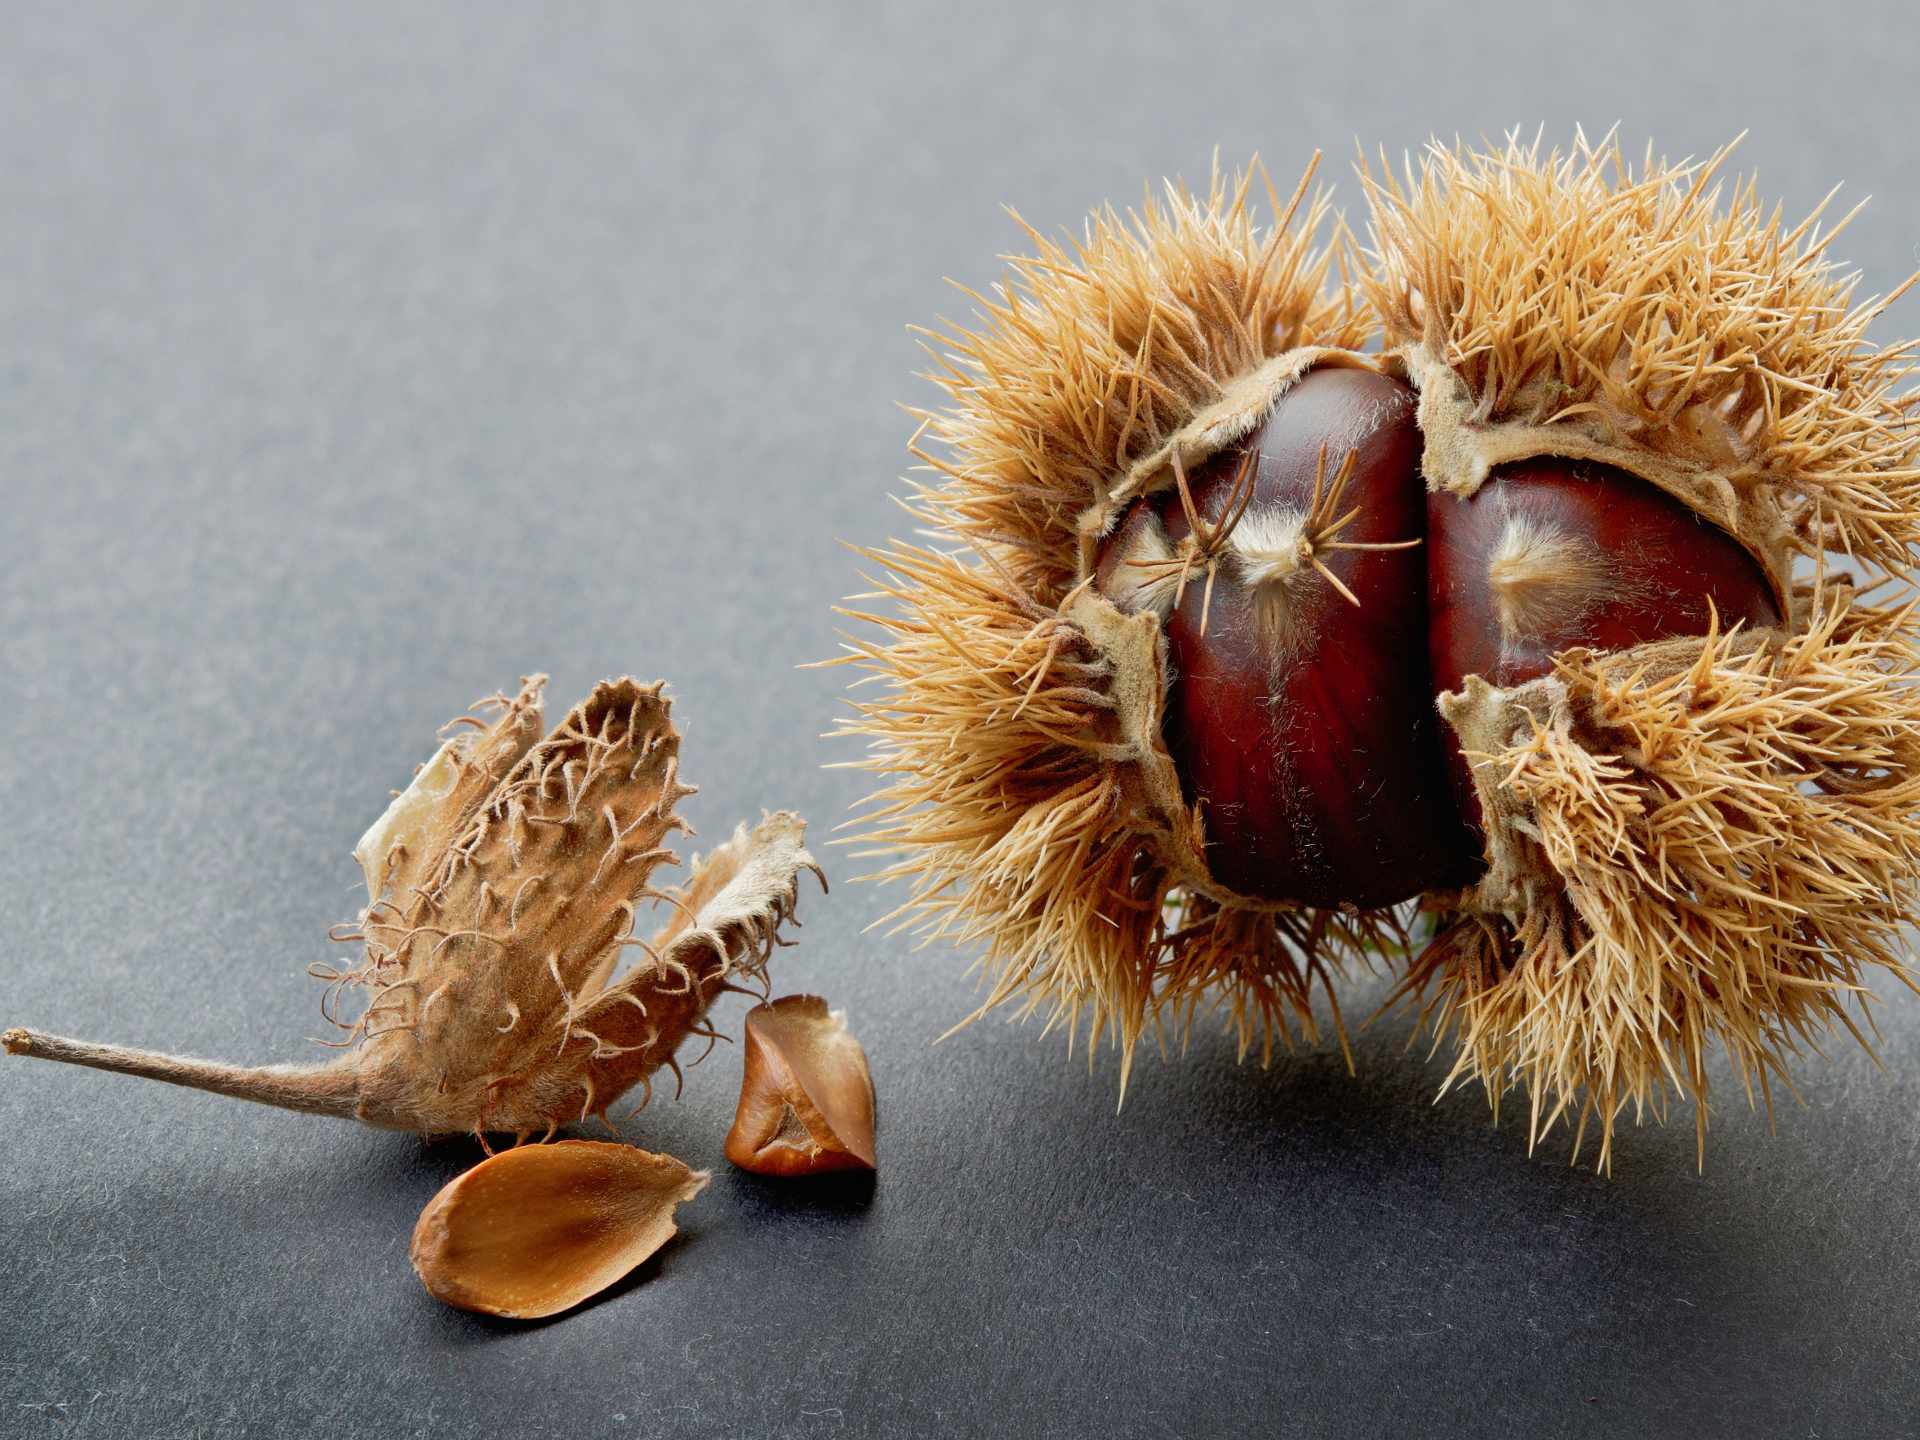 Bucheckern sind an ihrer stacheligen Hülle und der drei-kantigen Form sehr einfach zu erkennen. - Photocredit: pixabay.com/Paul_Henri